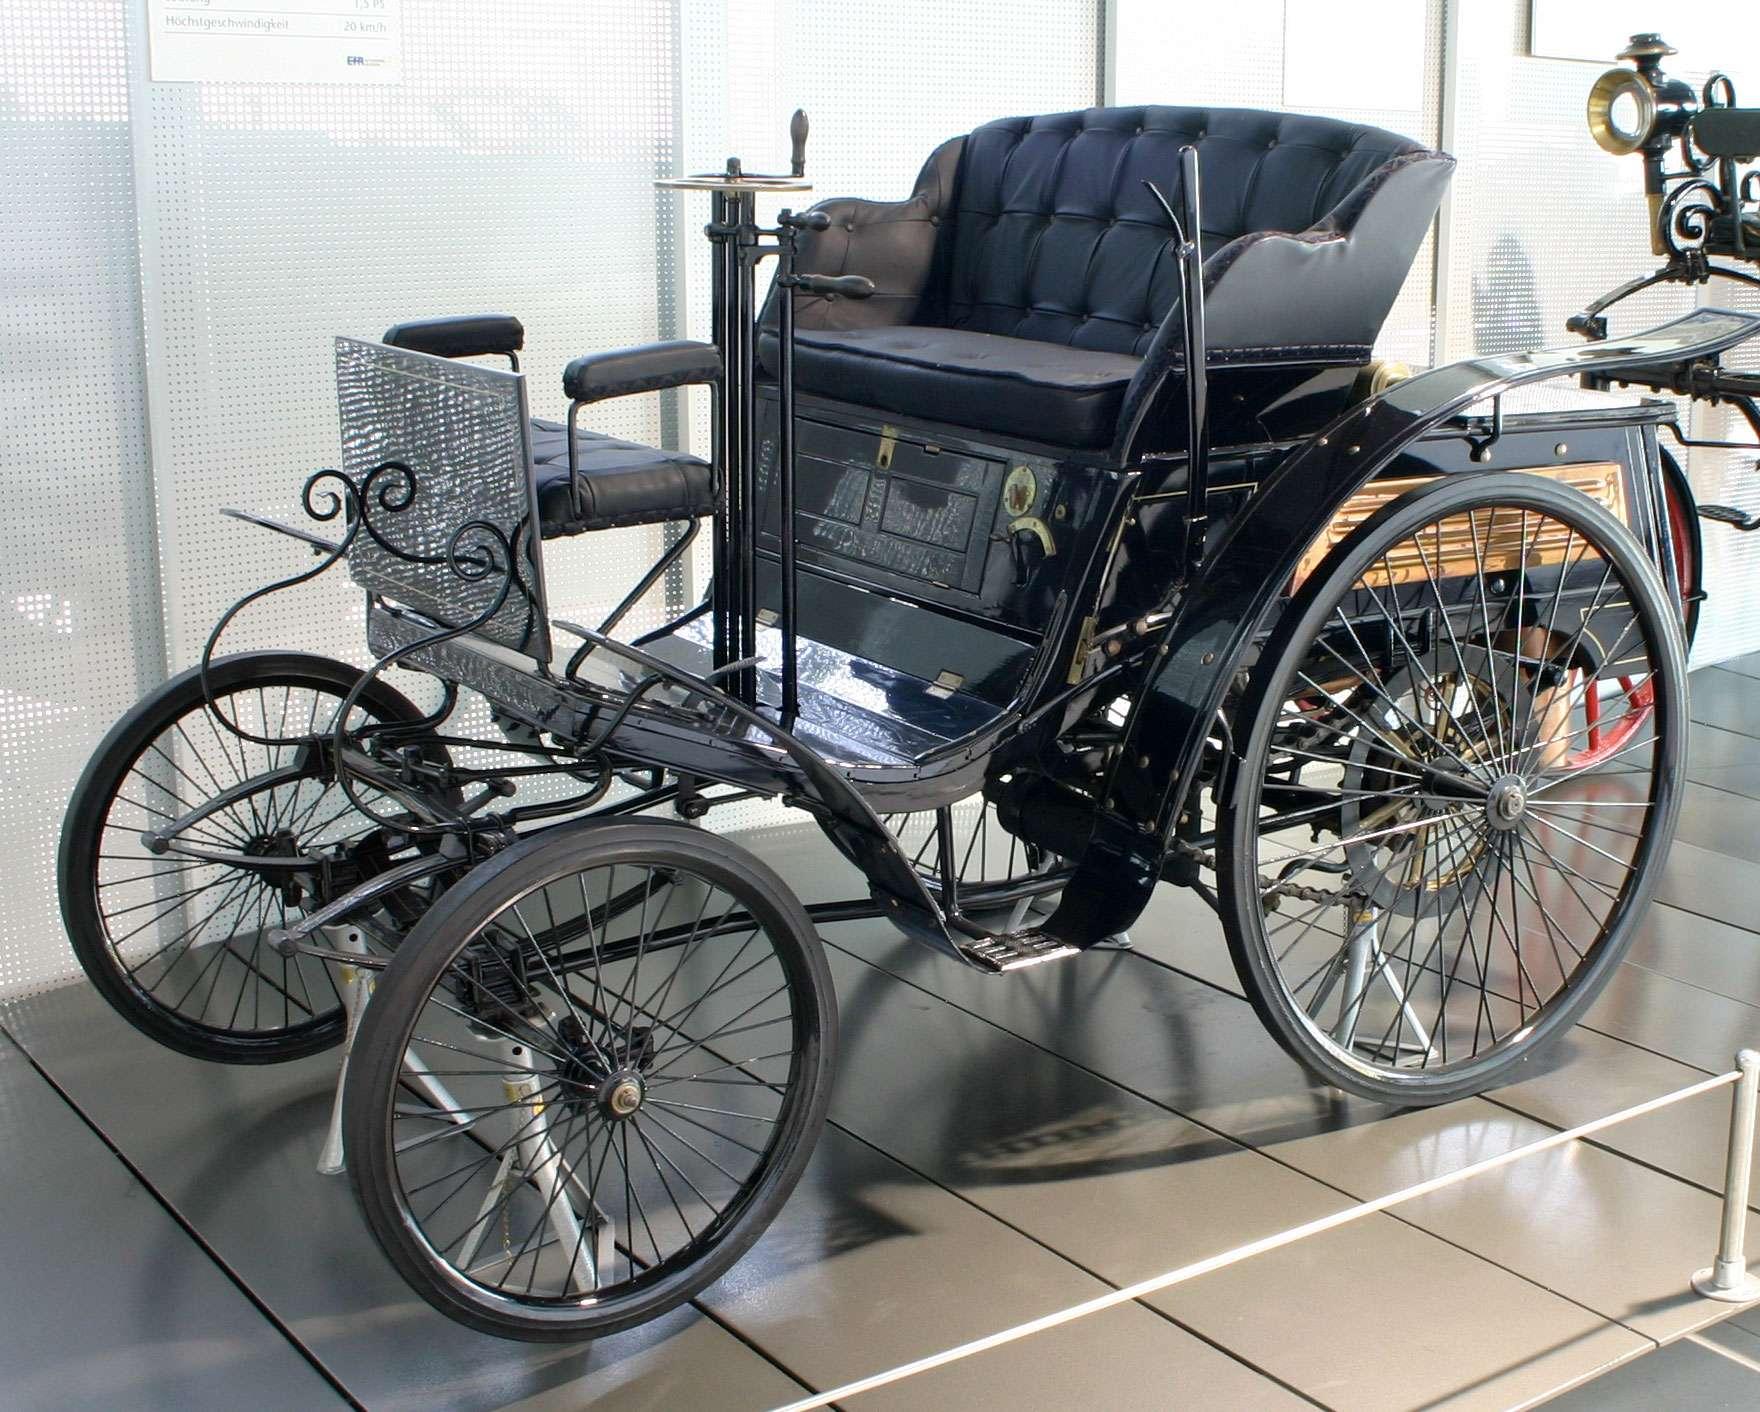 Karl Benz Benz-velo